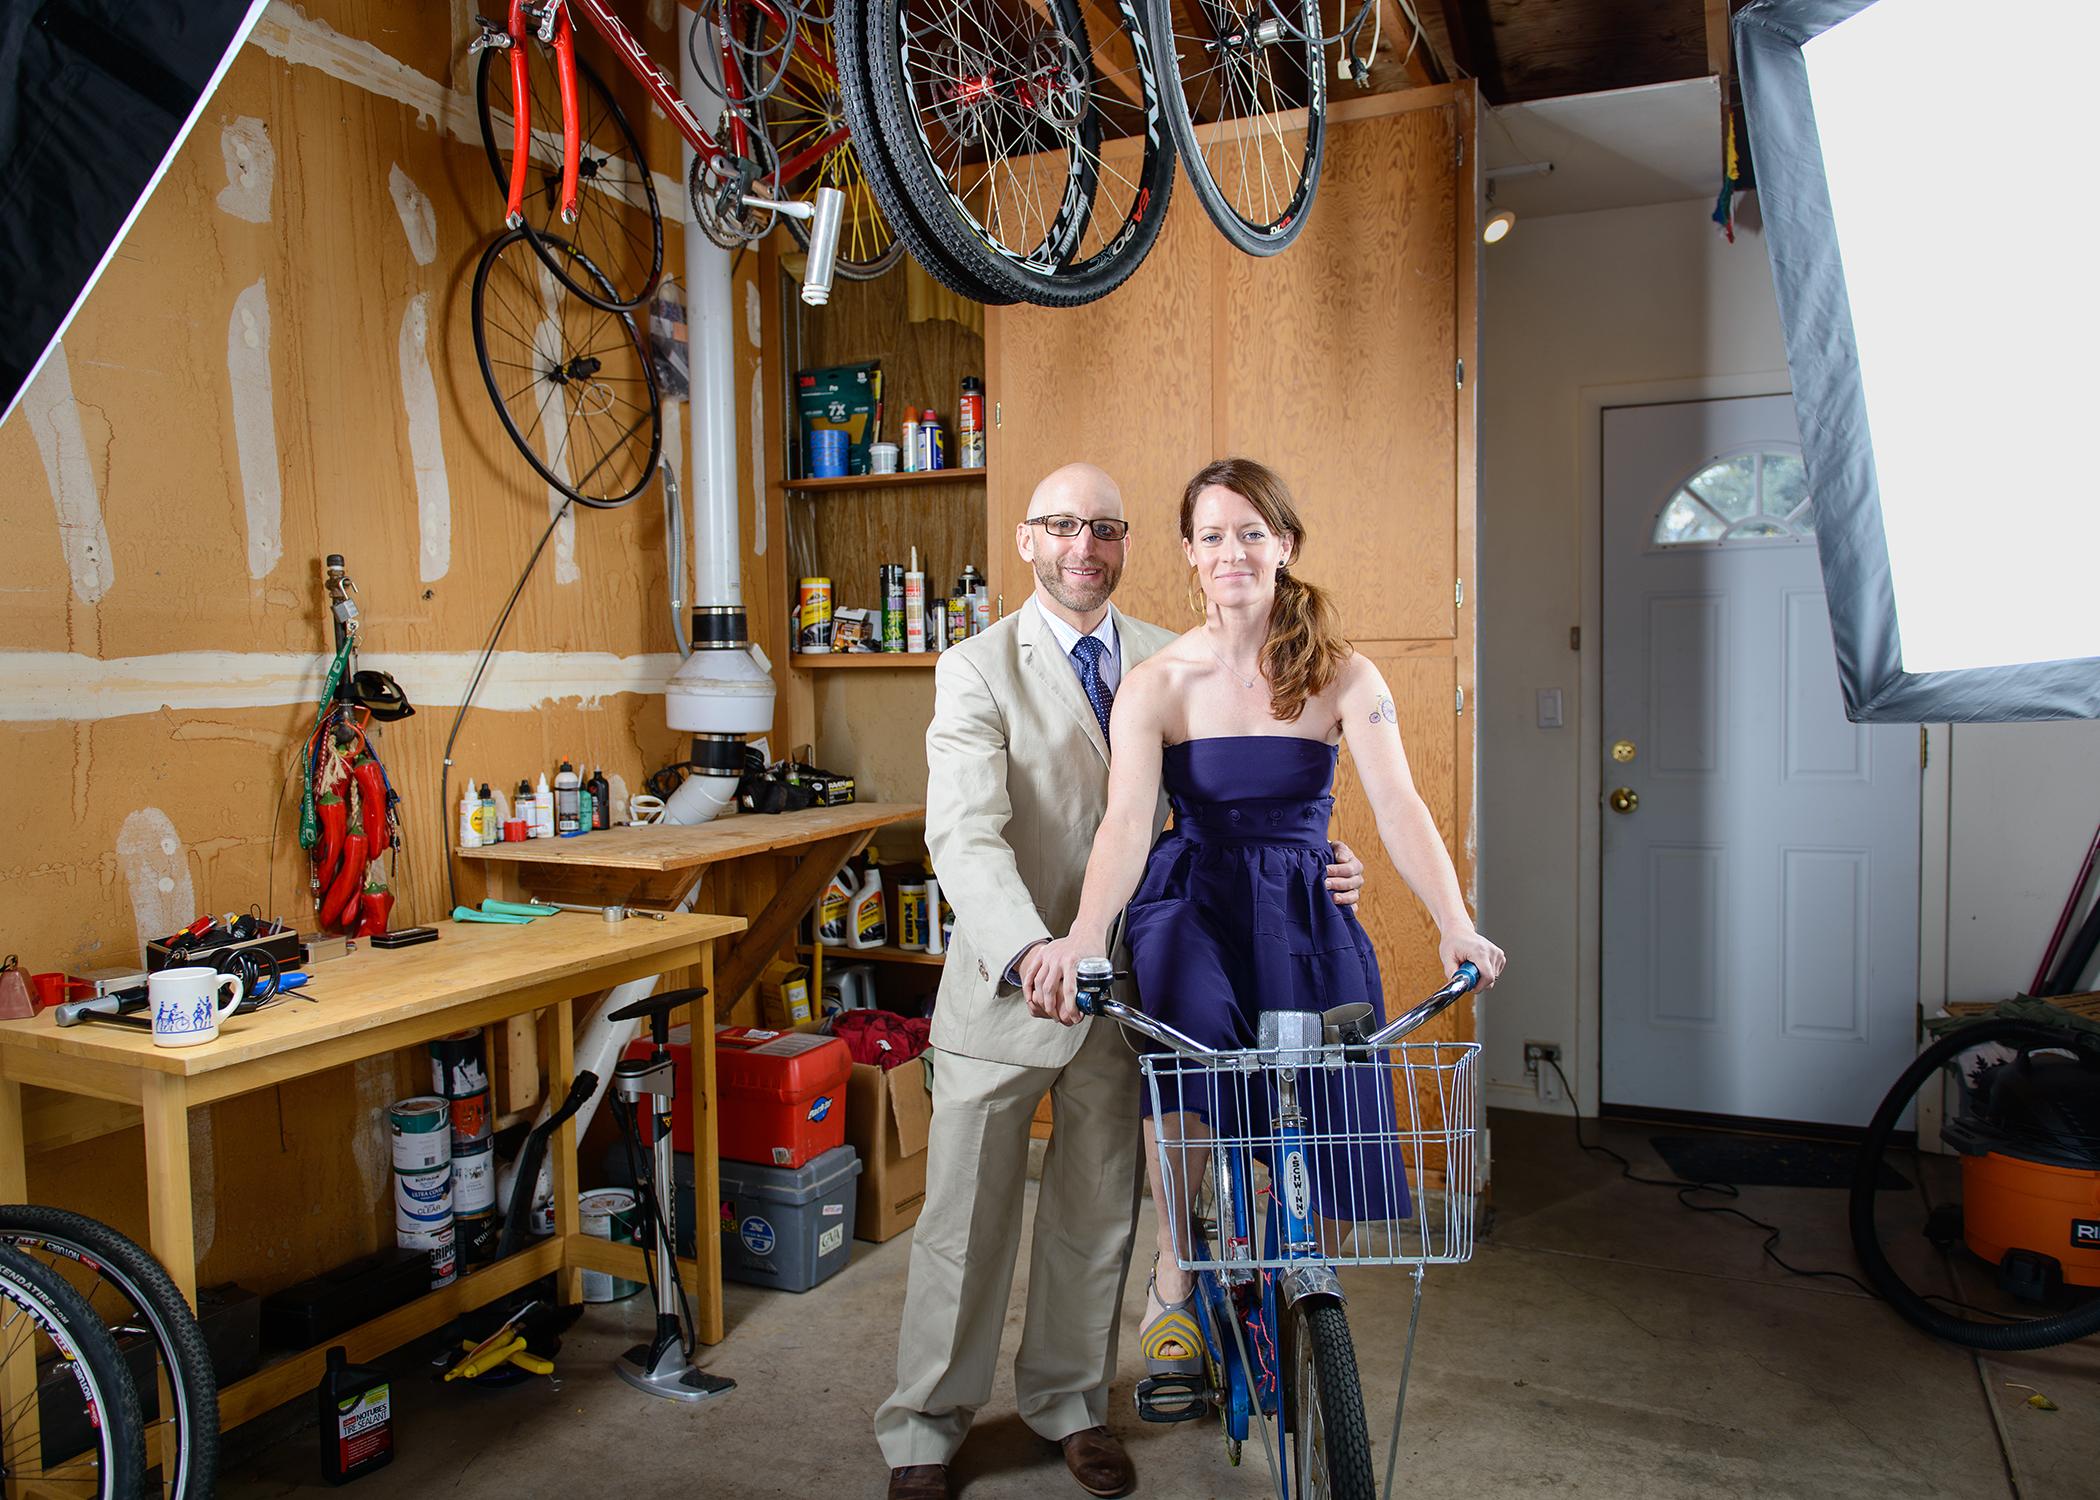 Mike & Renee with Renee's vintage Schwinn for the My Favorite Bike Portrait Series.